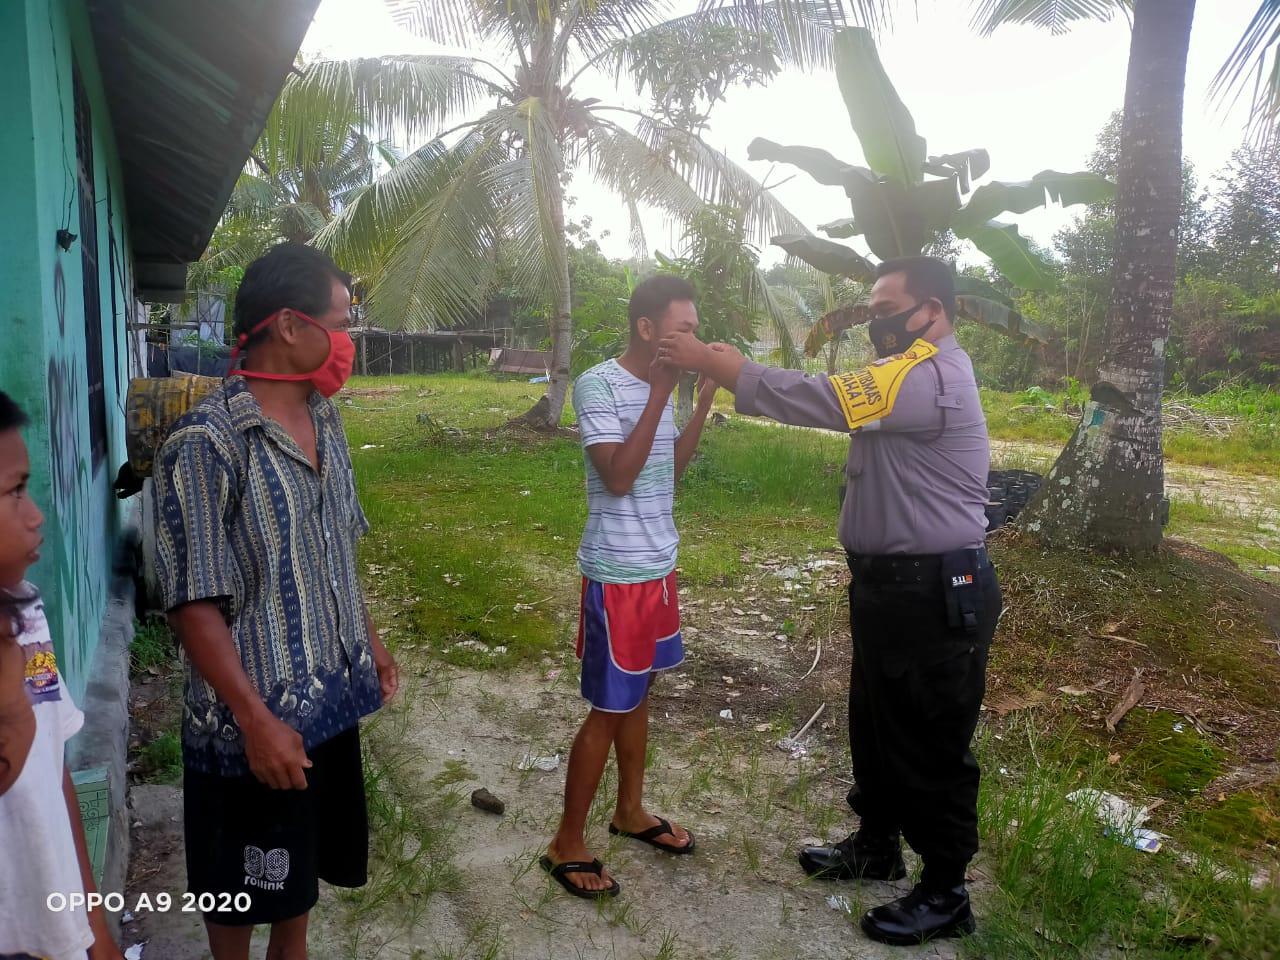 Laksanakan Patroli Sambang, Bhabinkamtibmas Kanarakan Polsek Bukit Batu Sosialisasikan 3M